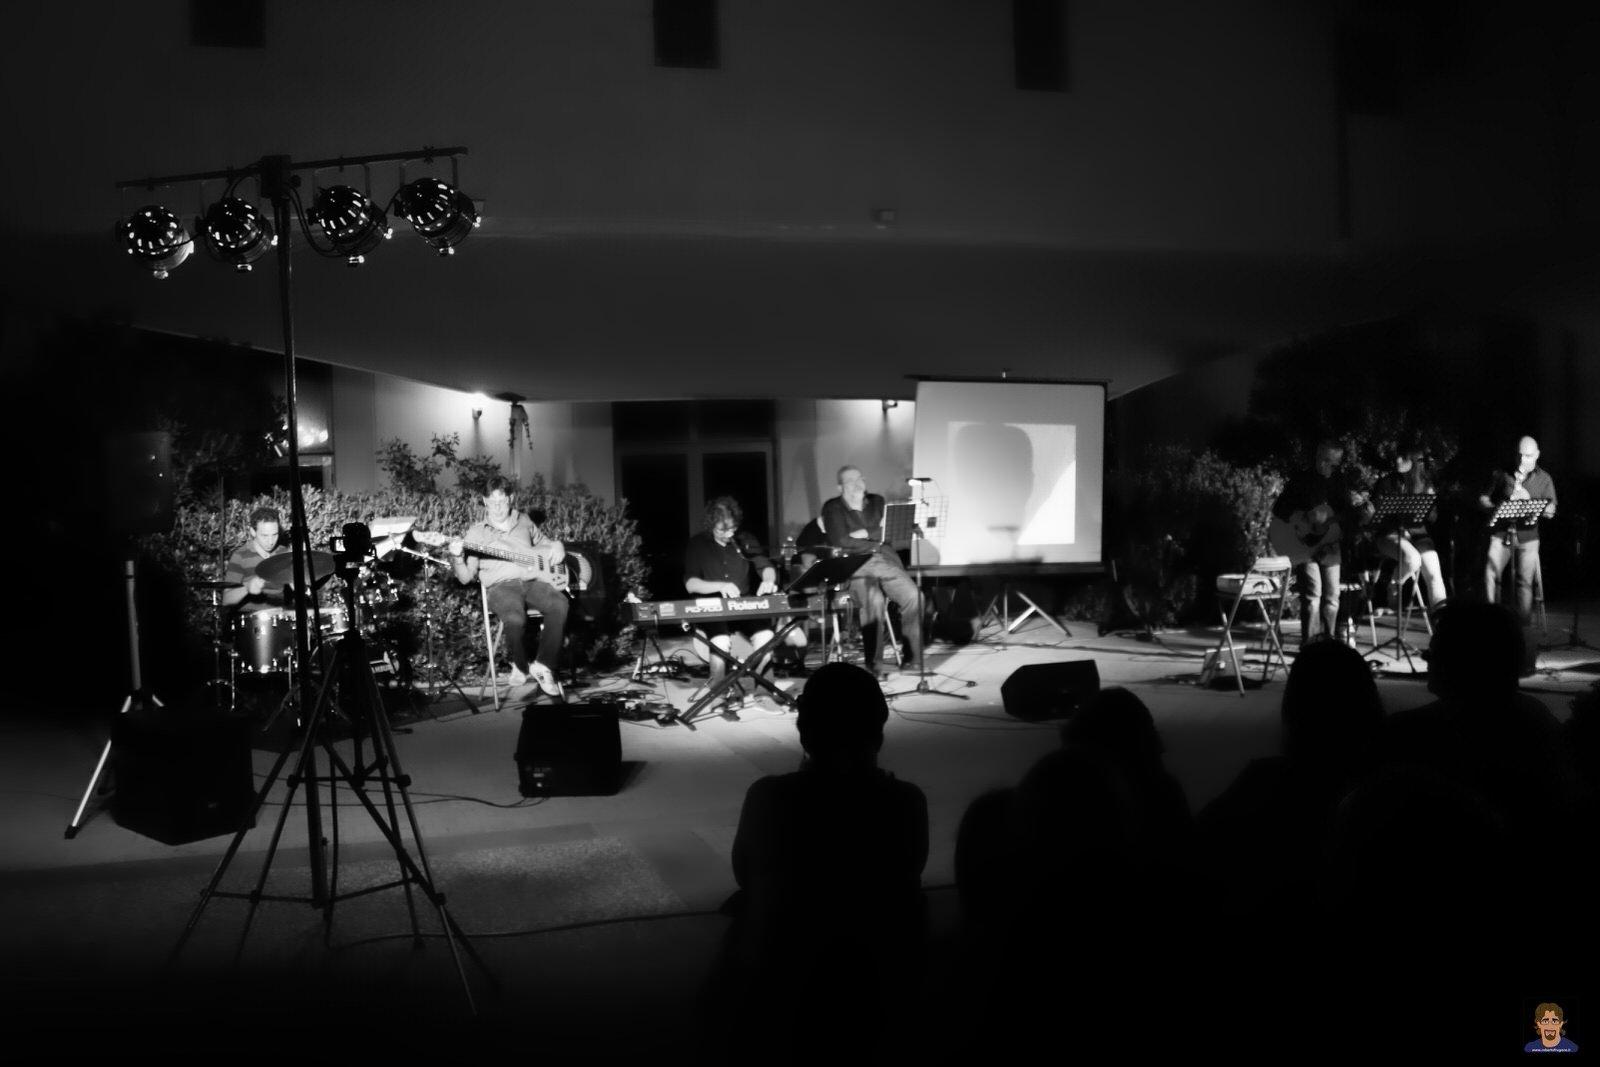 Roberto Frugone cantautore Enrico Rovegno reading Il gallo la luna e la paura Sestri Levante 02